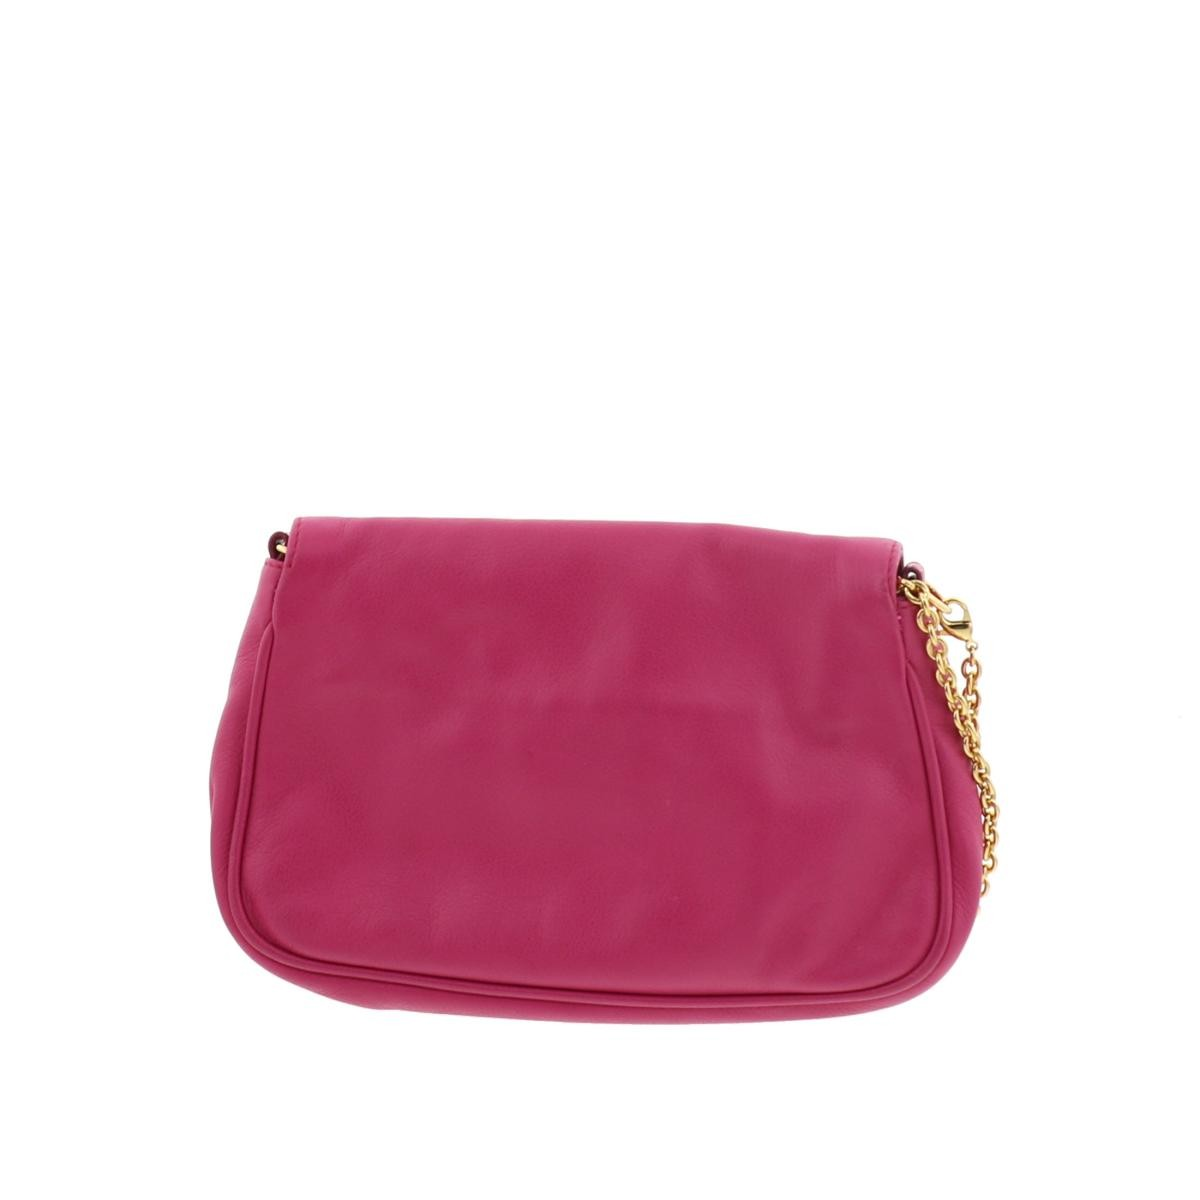 【美品】フェンディ チェーン ショルダーバッグ ピンク FENDI Chain Shoulder Bag Pink